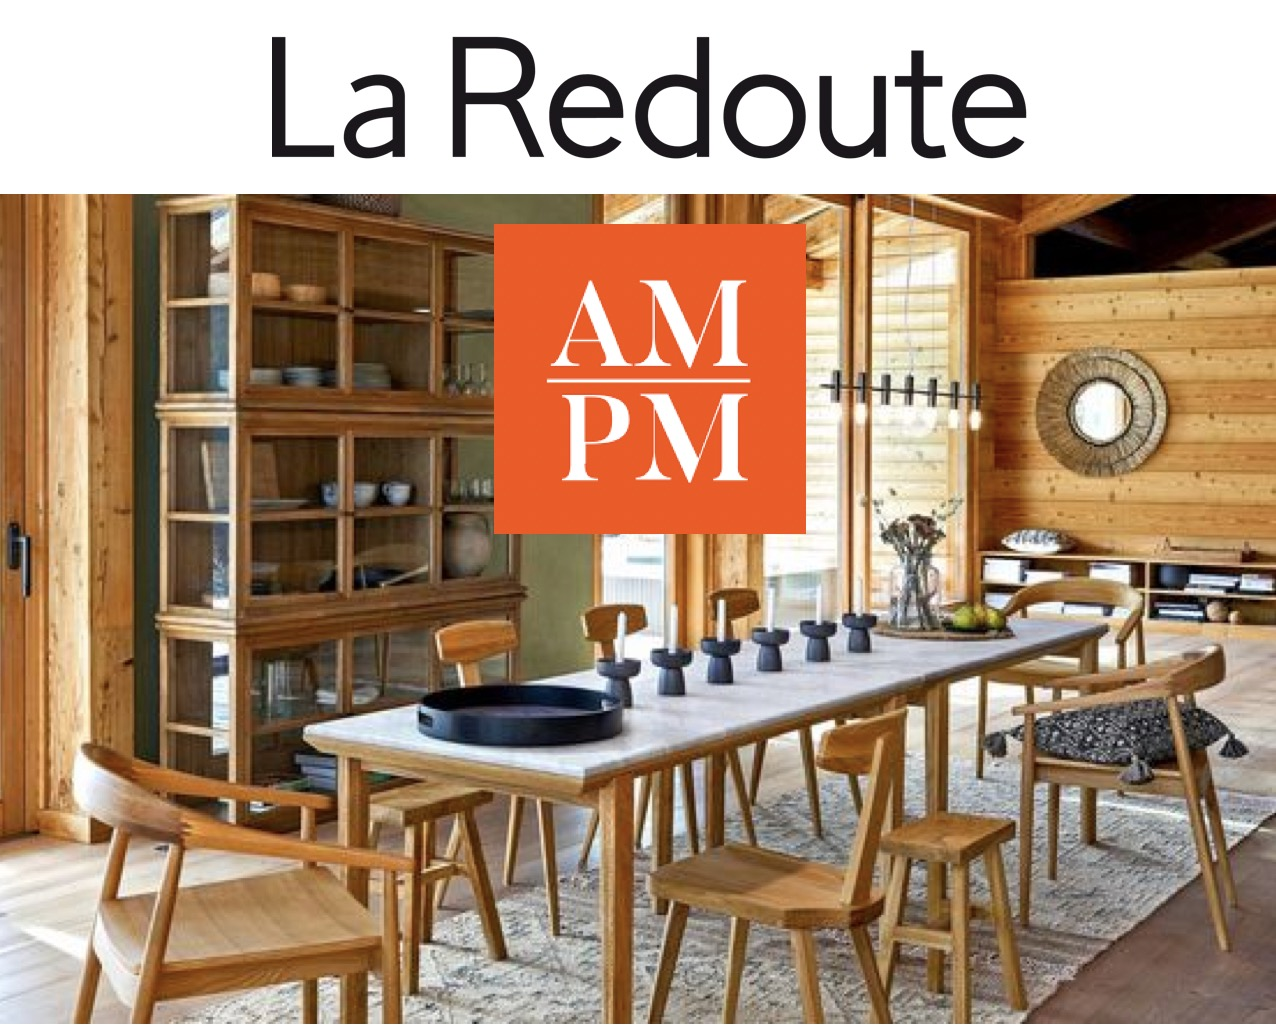 Code promo La Redoute : 50€ offerts par tranche de 250€ sur la collection Automne-Hiver 2020 AM.PM